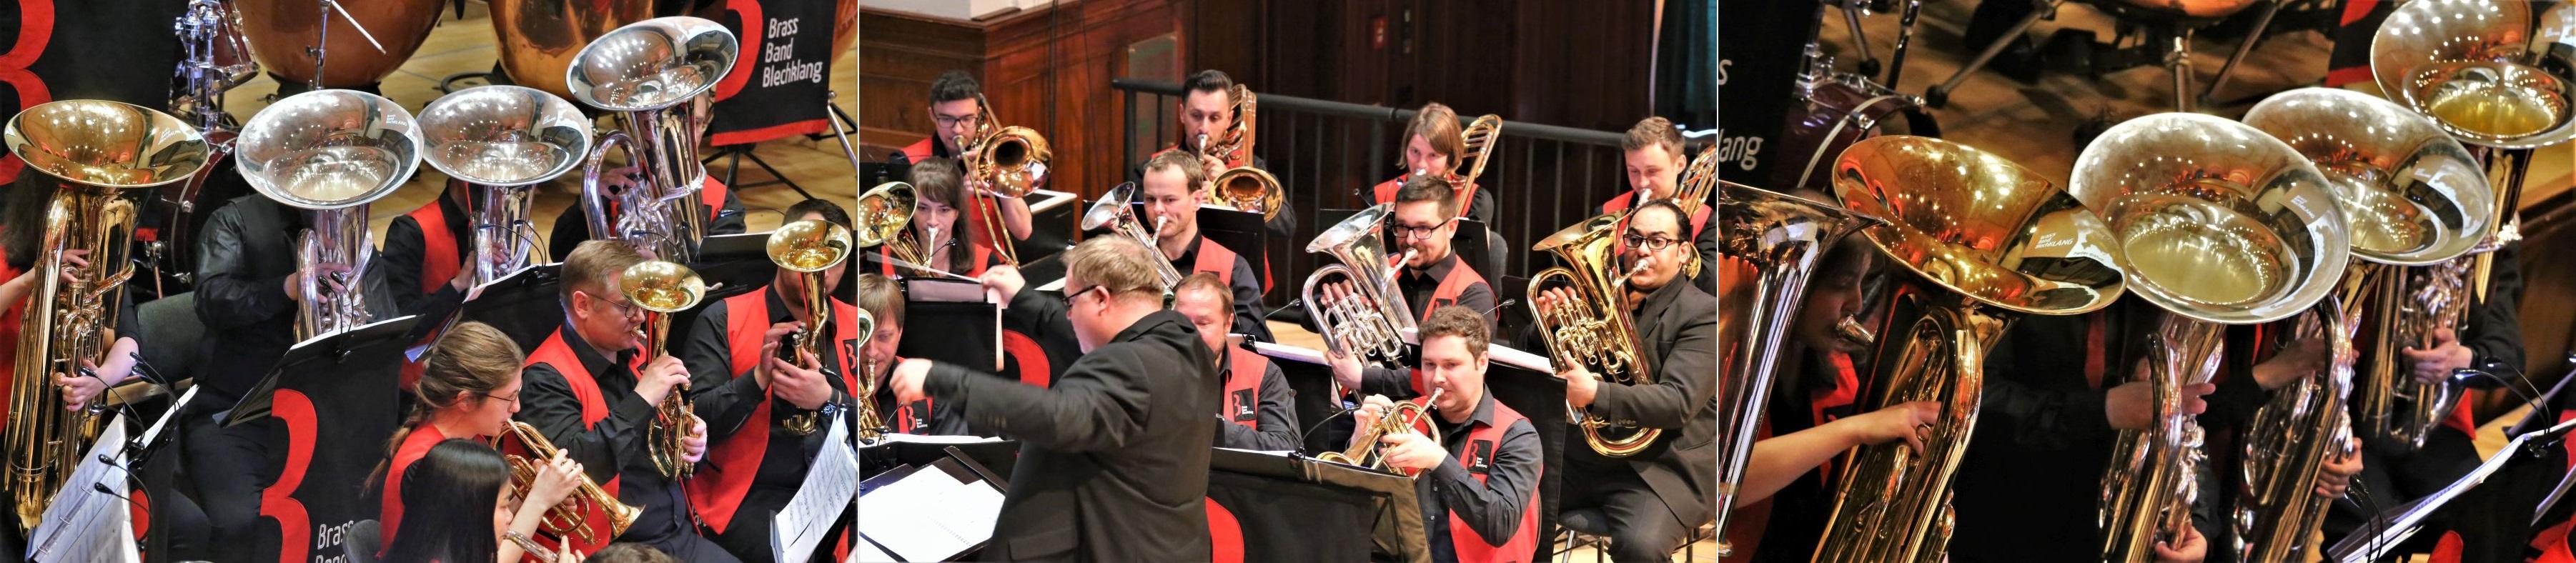 Galakonzert der Brass Band BlechKLANG Russische Nächte (1)